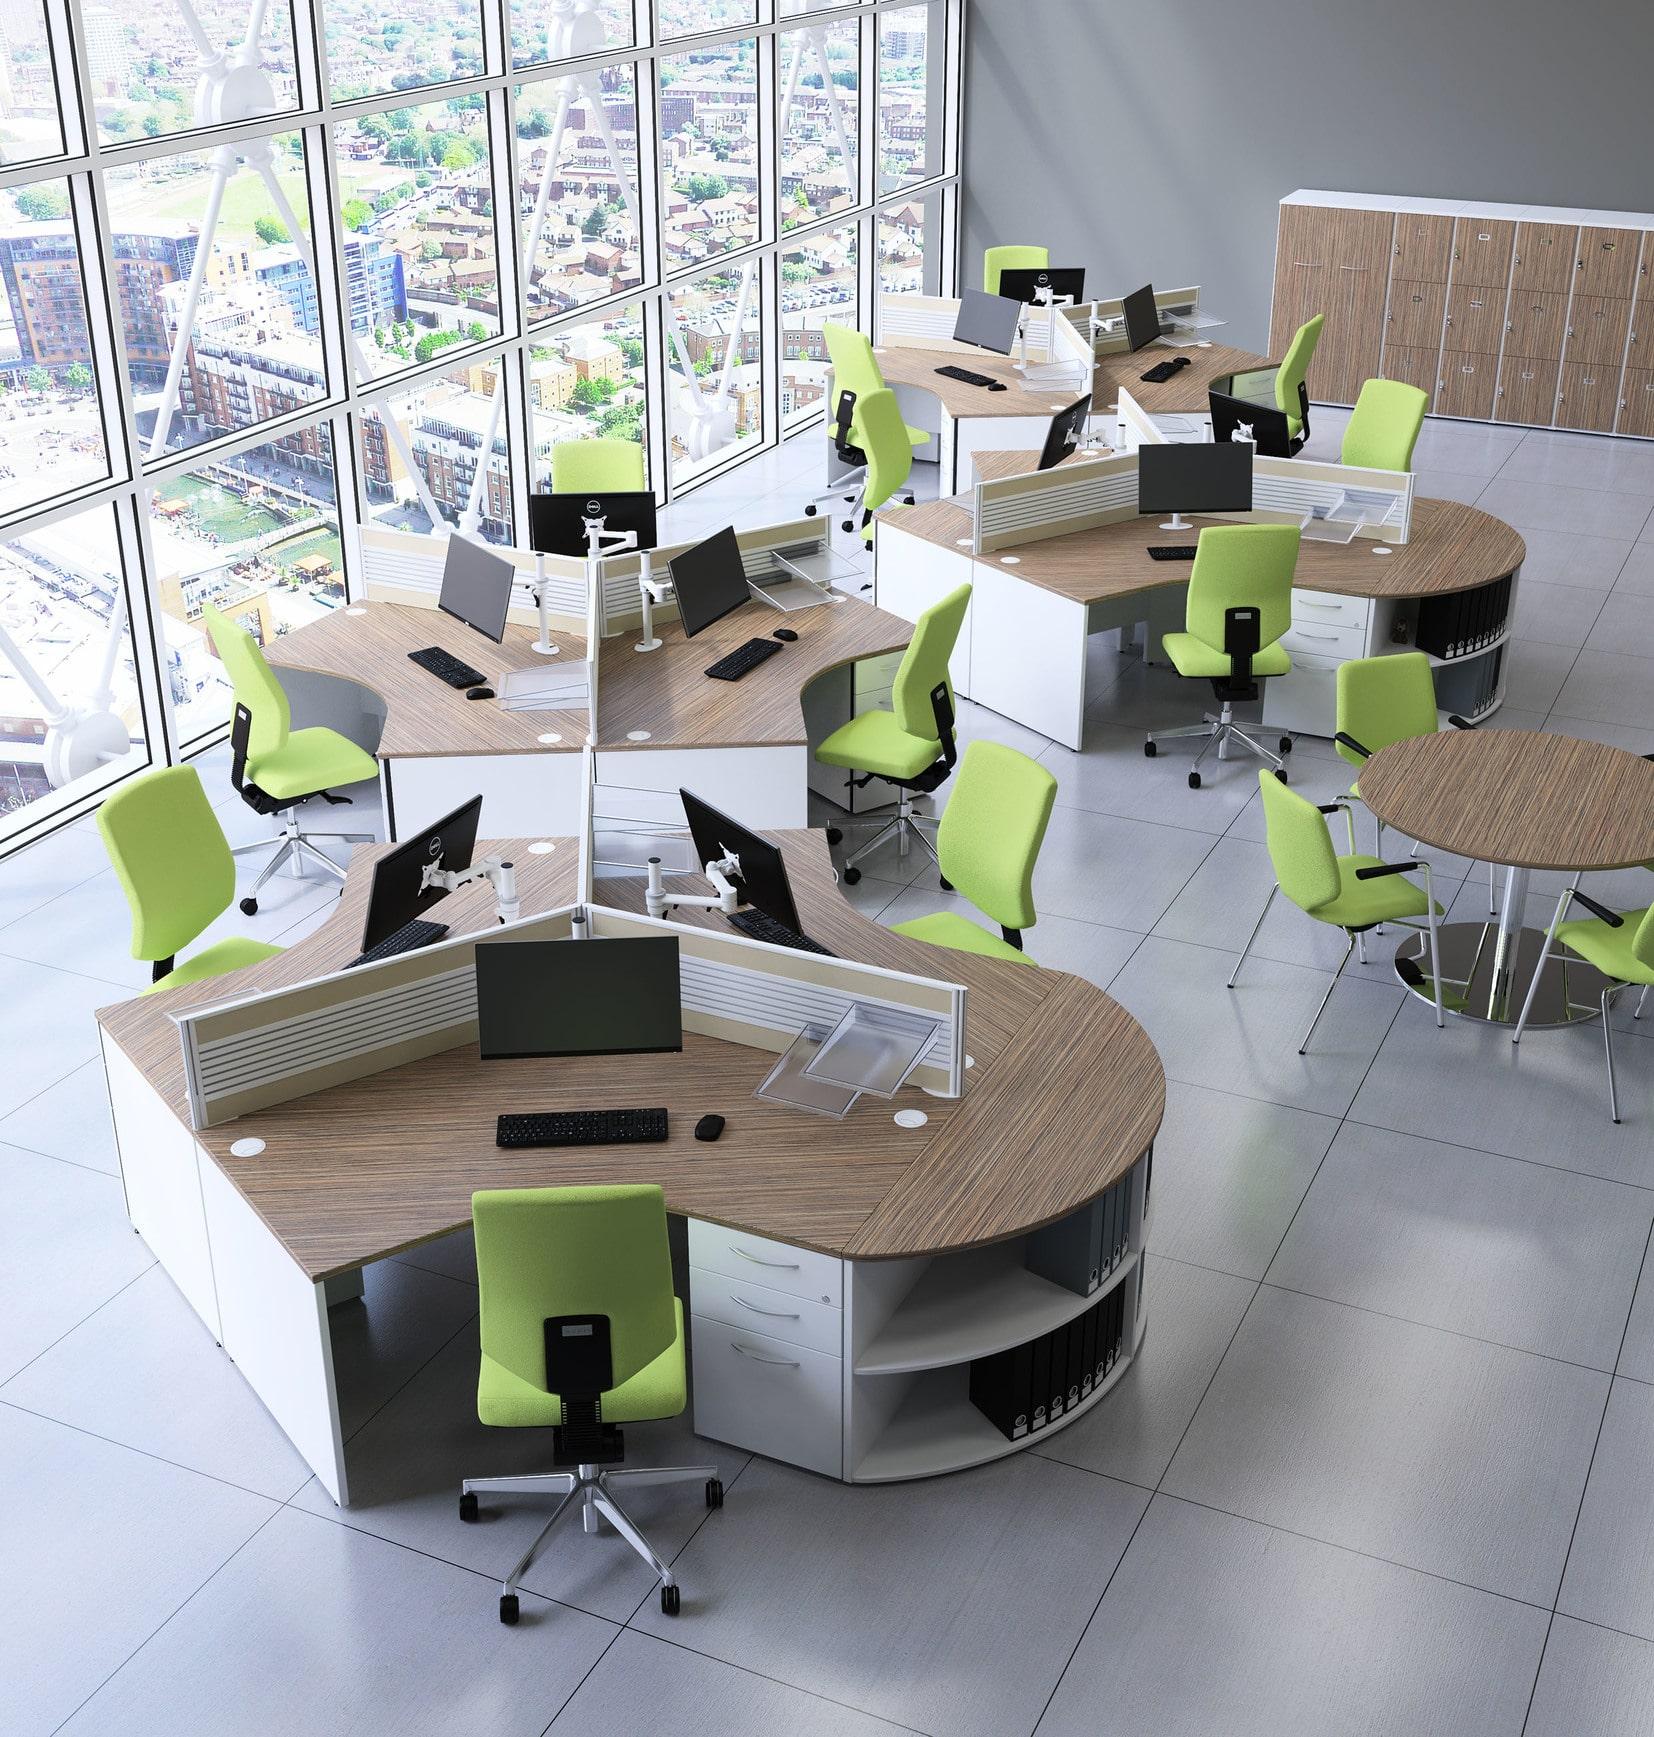 desks in sets of three